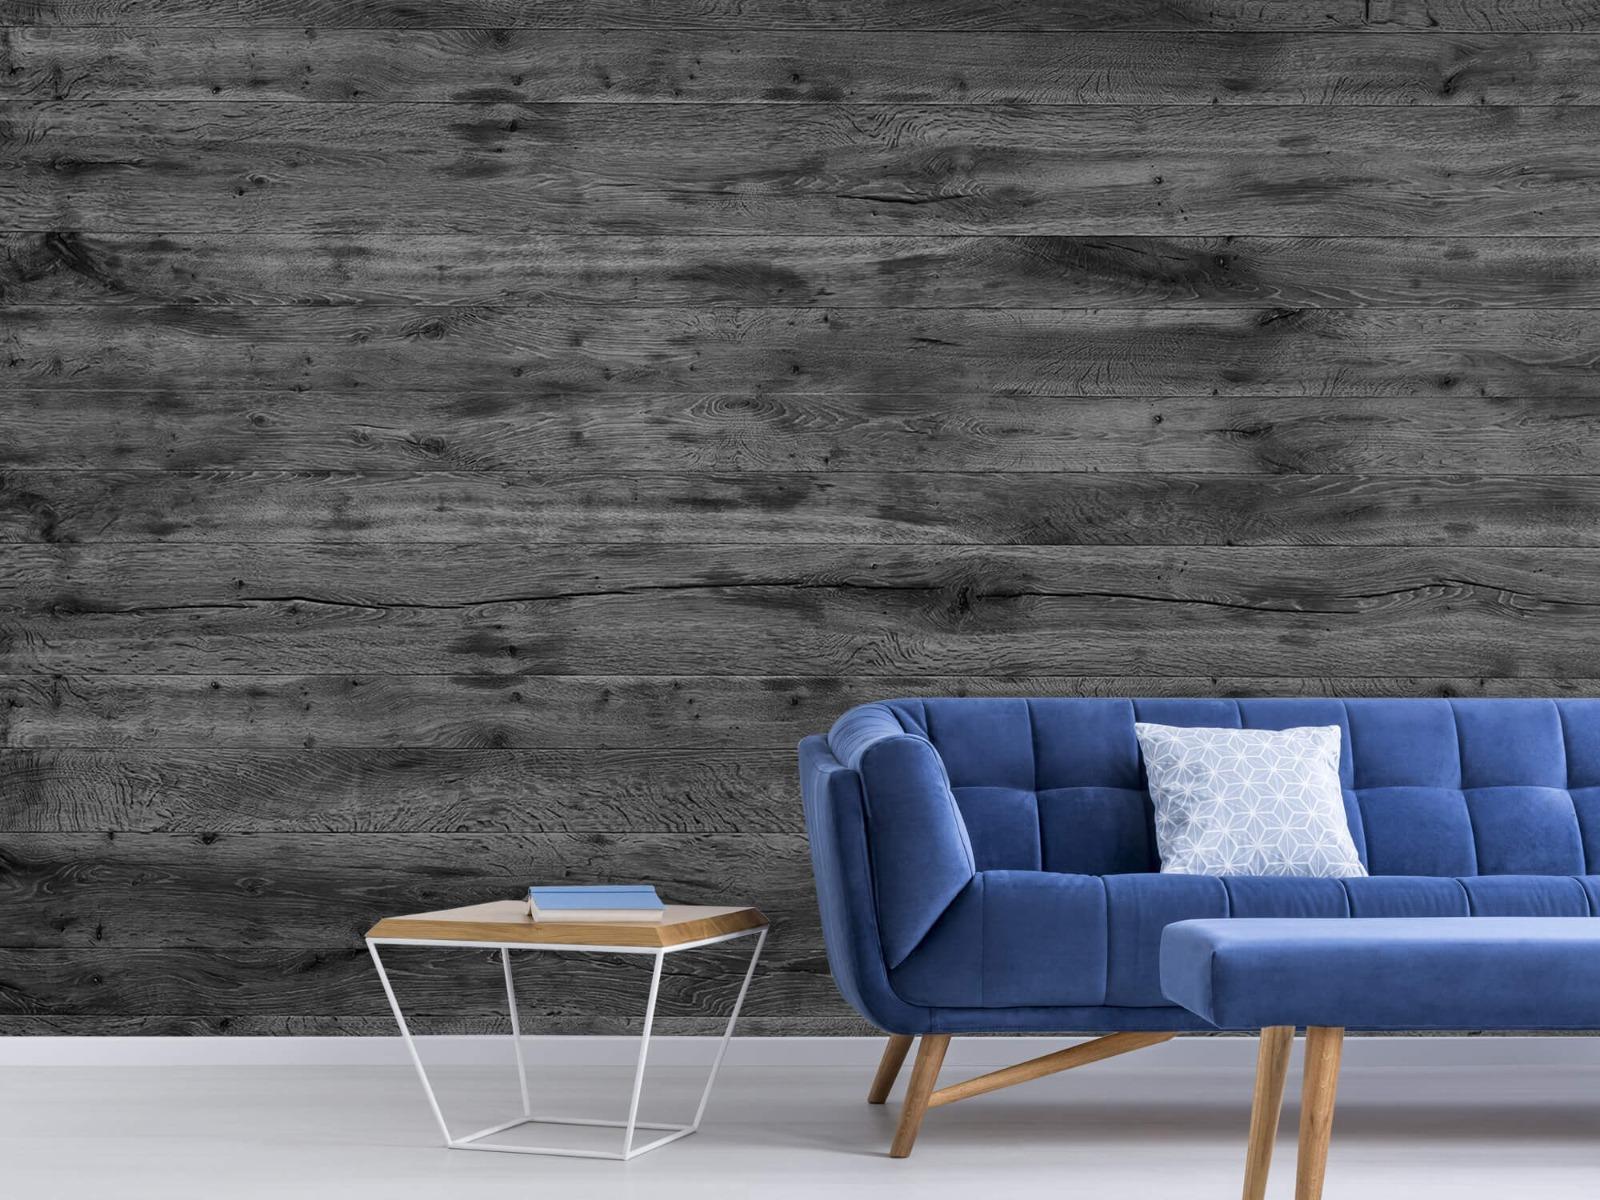 Hout behang - Grijze houten planken - Directie 7